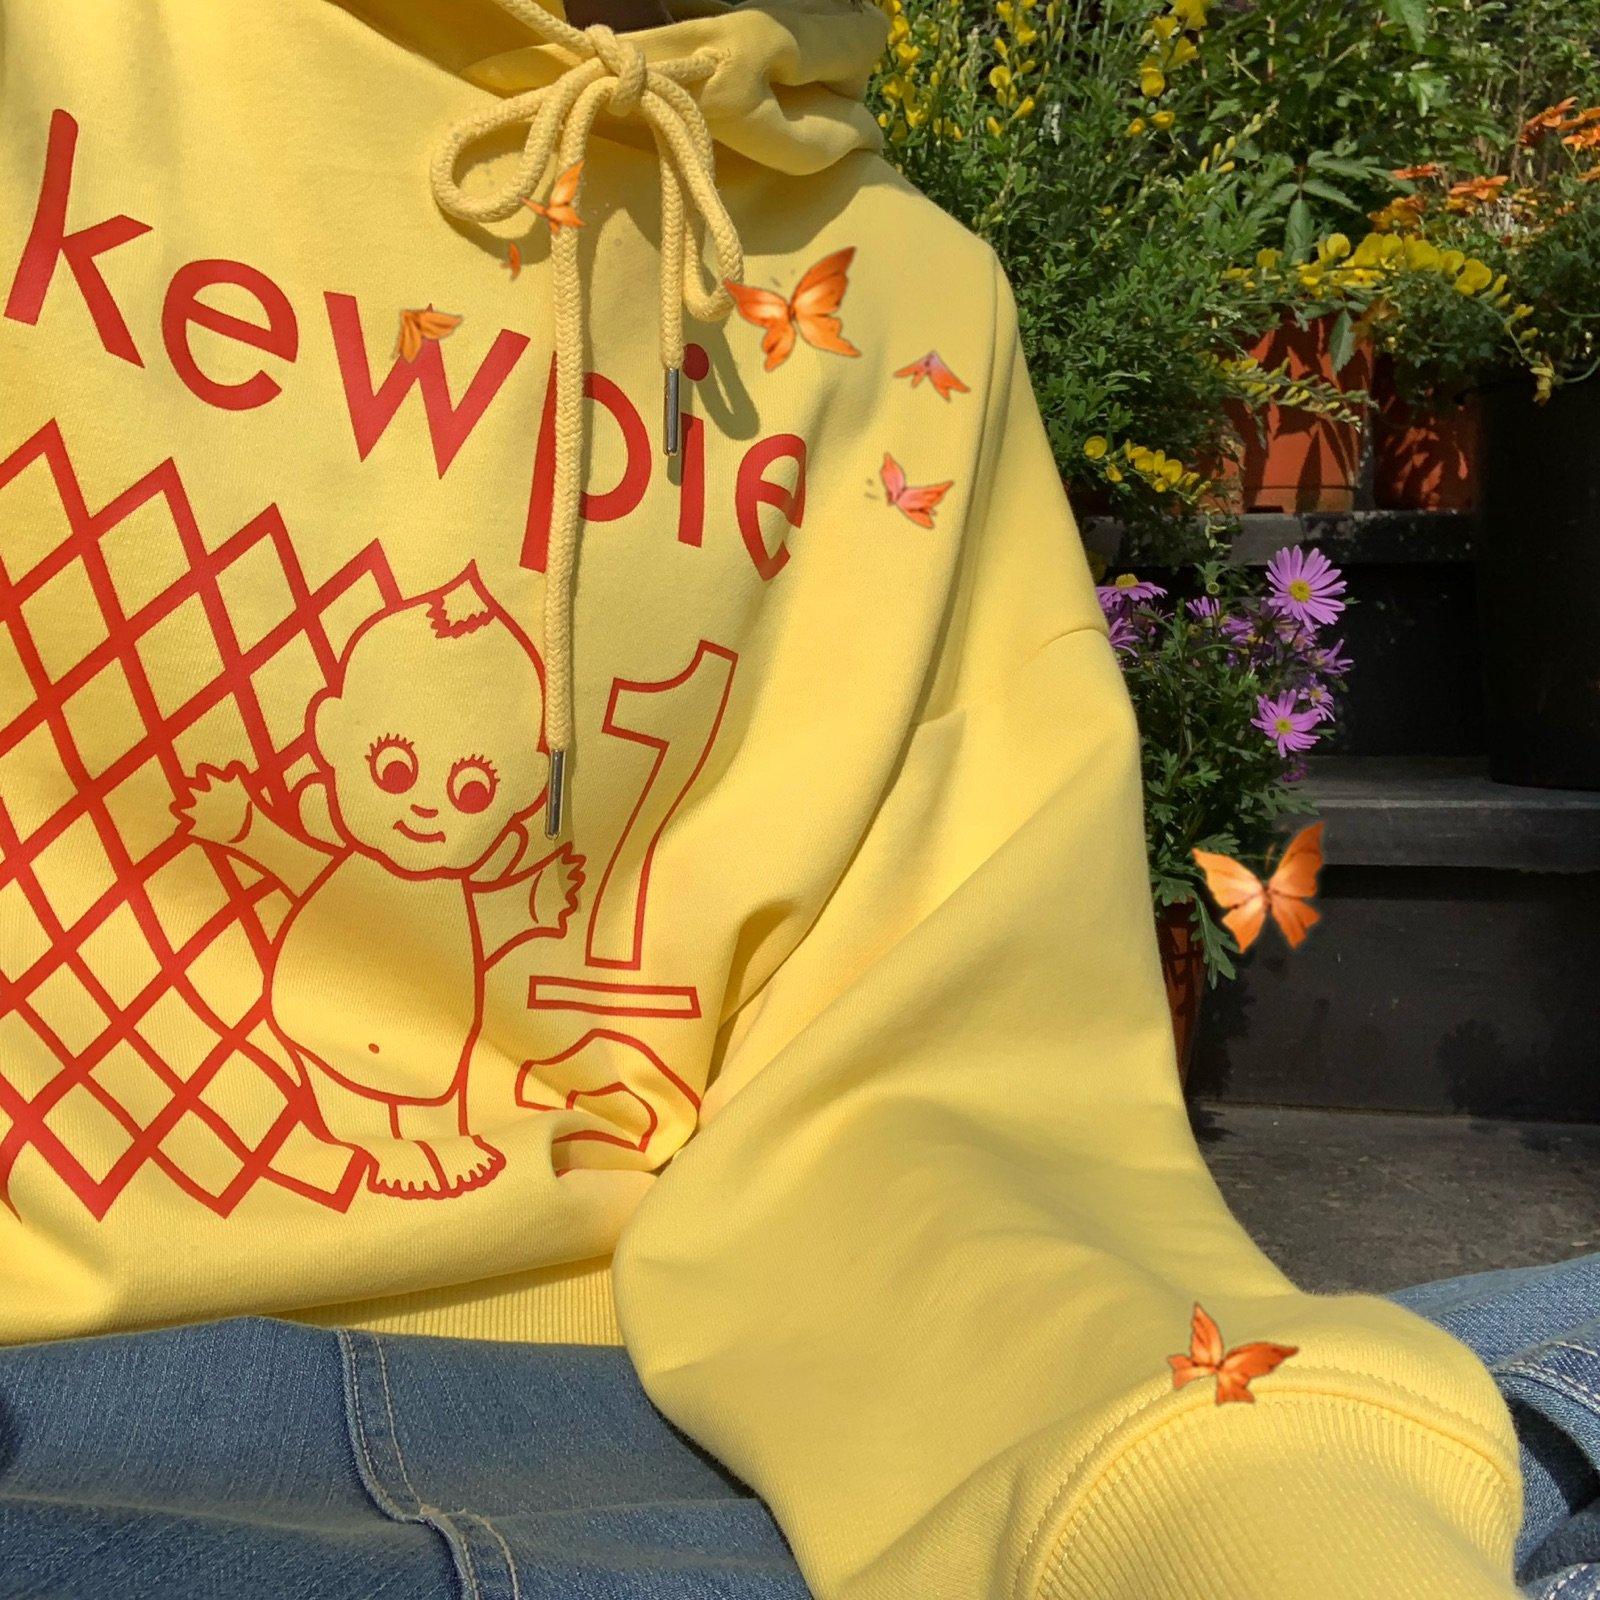 黄色卫衣 will come 自制奶黄色连帽卫衣女宽松古着圆领2021春冬柔软加绒_推荐淘宝好看的黄色卫衣